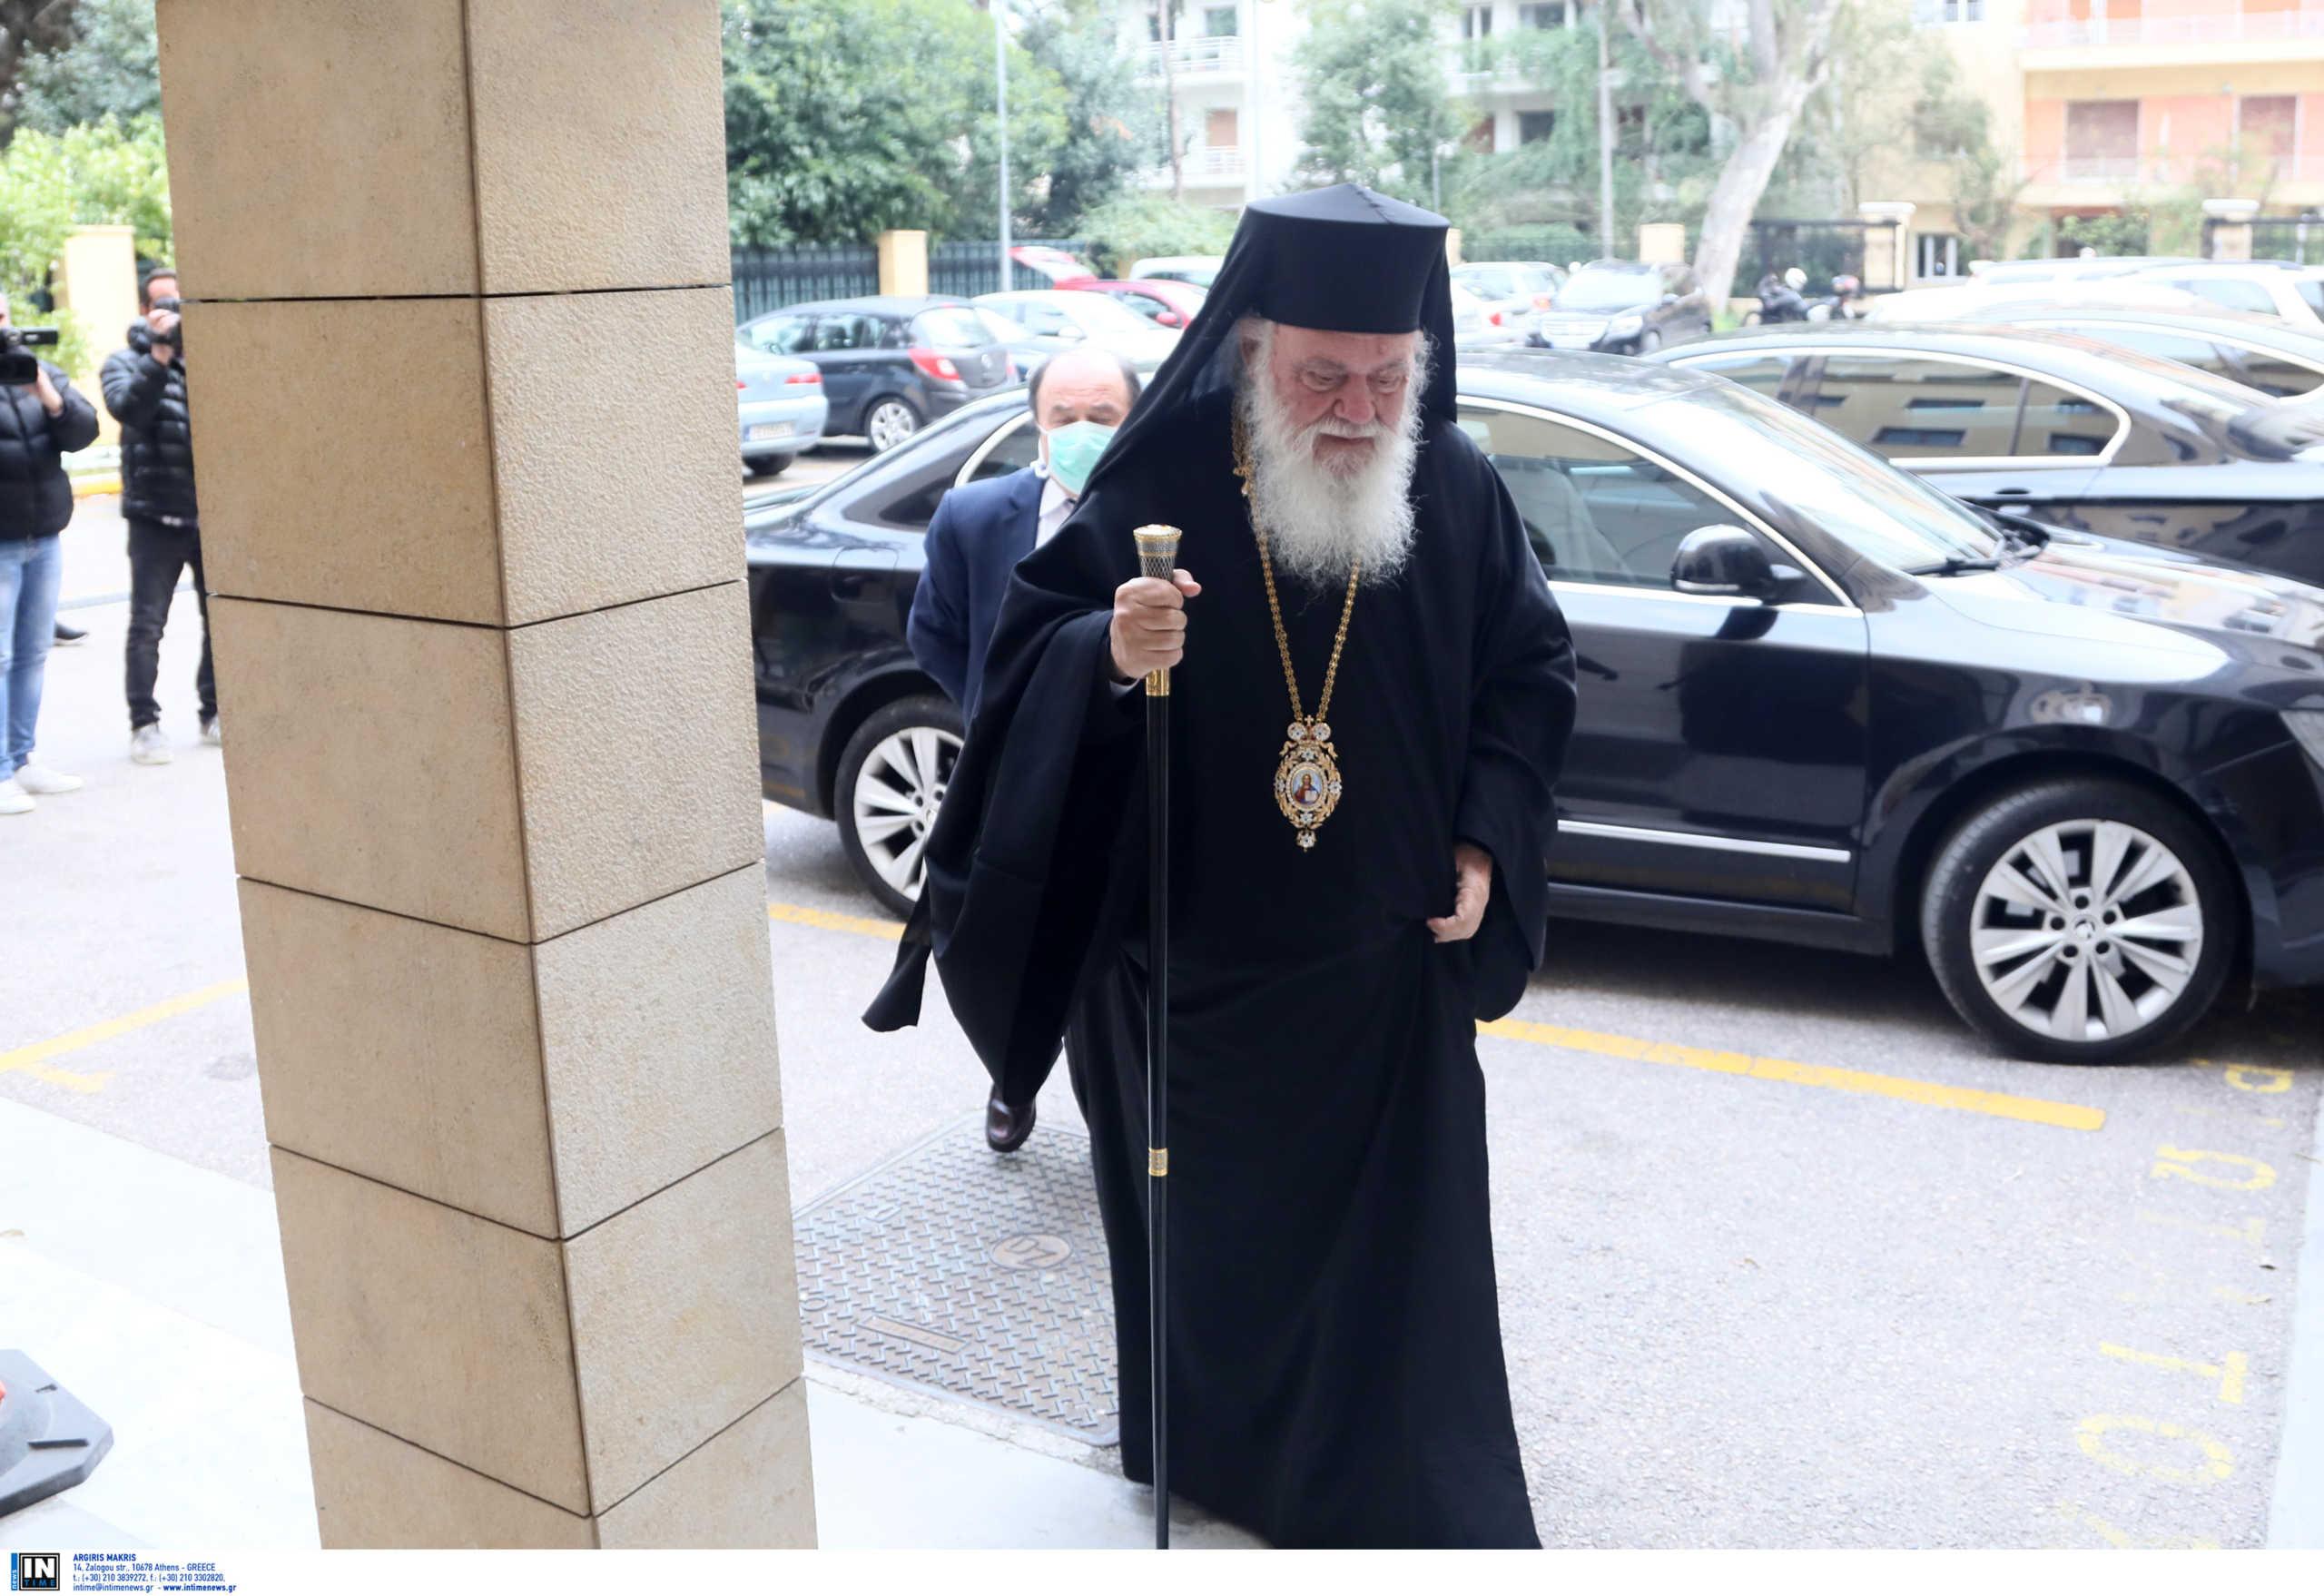 Αρχιεπίσκοπος Ιερώνυμος: Παραμένει στη ΜΑΦ του Ευαγγελισμού σε σταθερή κατάσταση